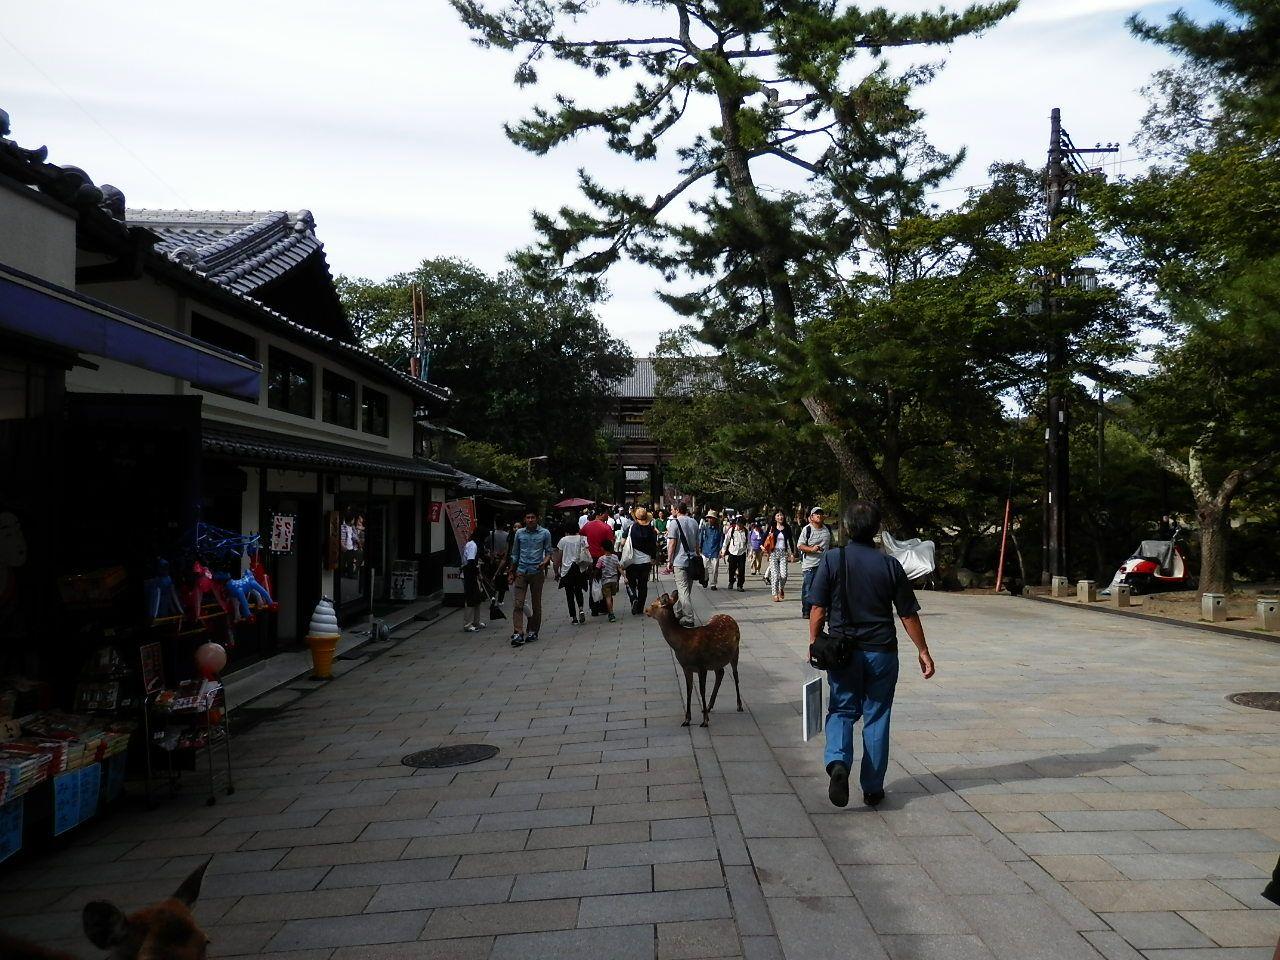 大仏や金剛力士像の荘厳さと鹿のかわいさが人気の、奈良県屈指の観光地「東大寺」